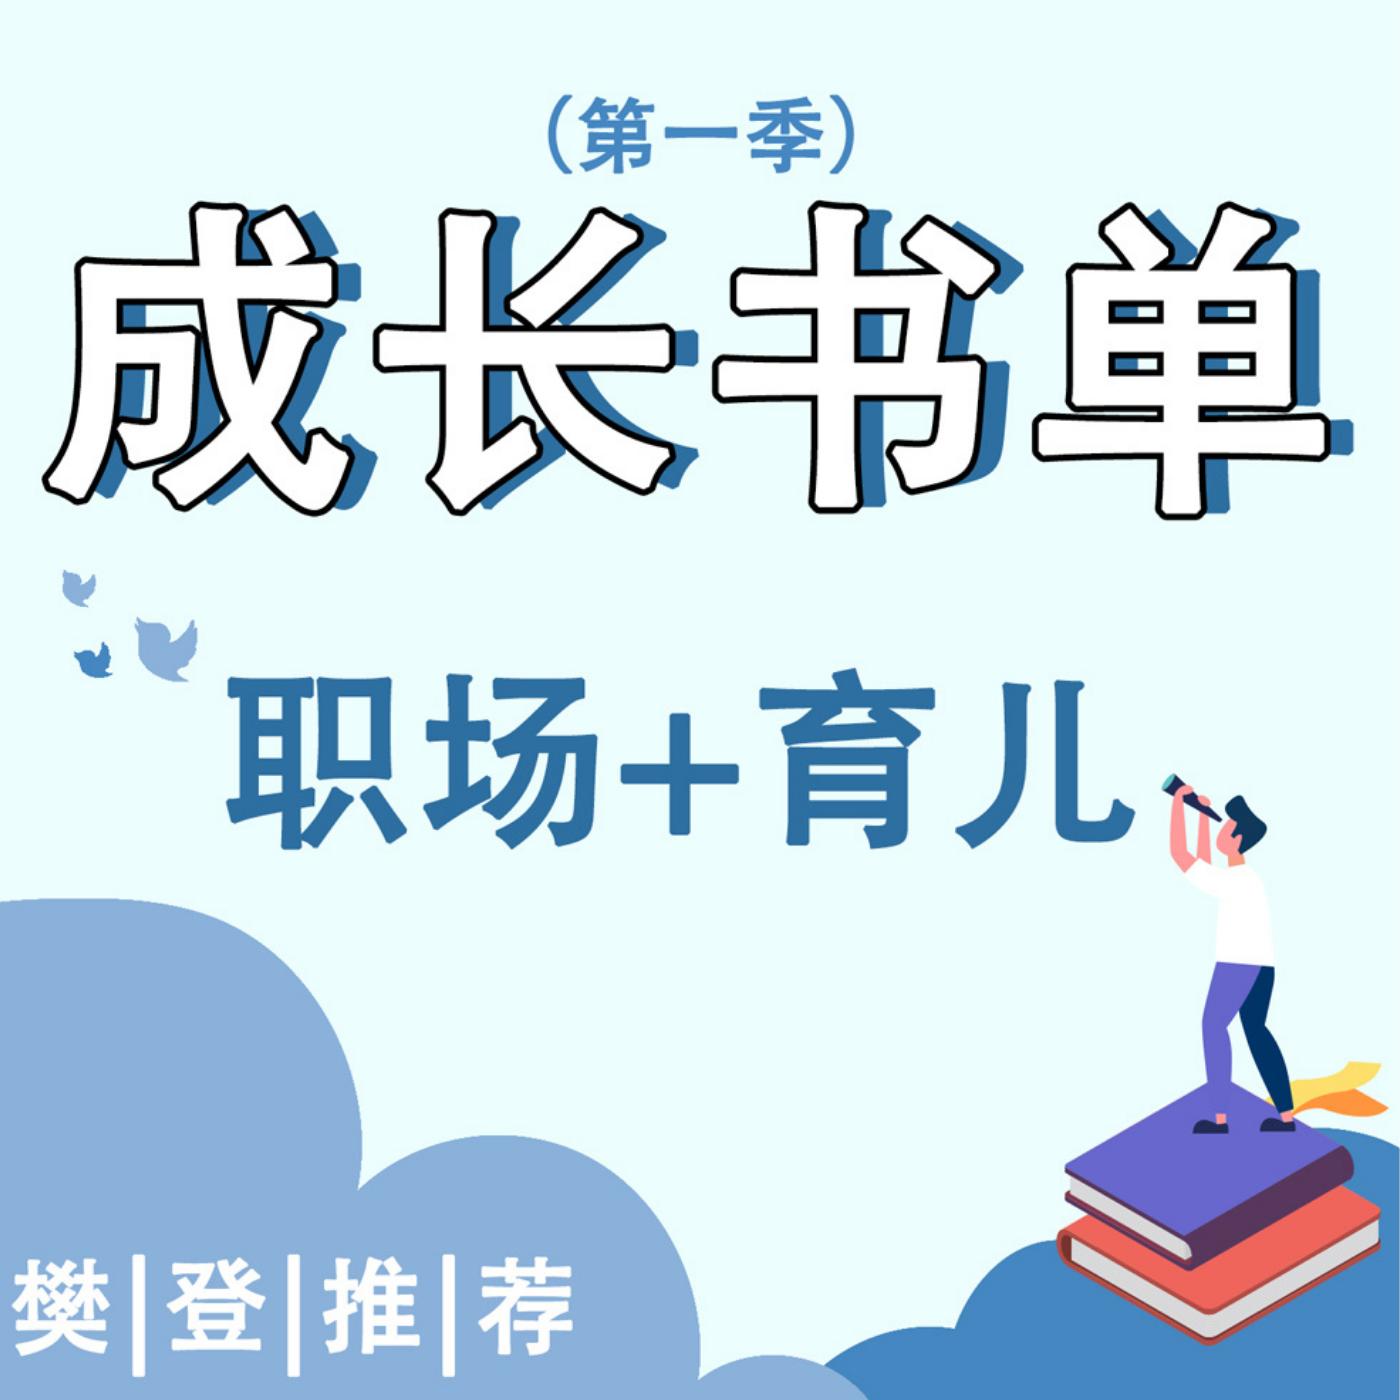 第一季成长书单•职场+育儿|樊登推荐